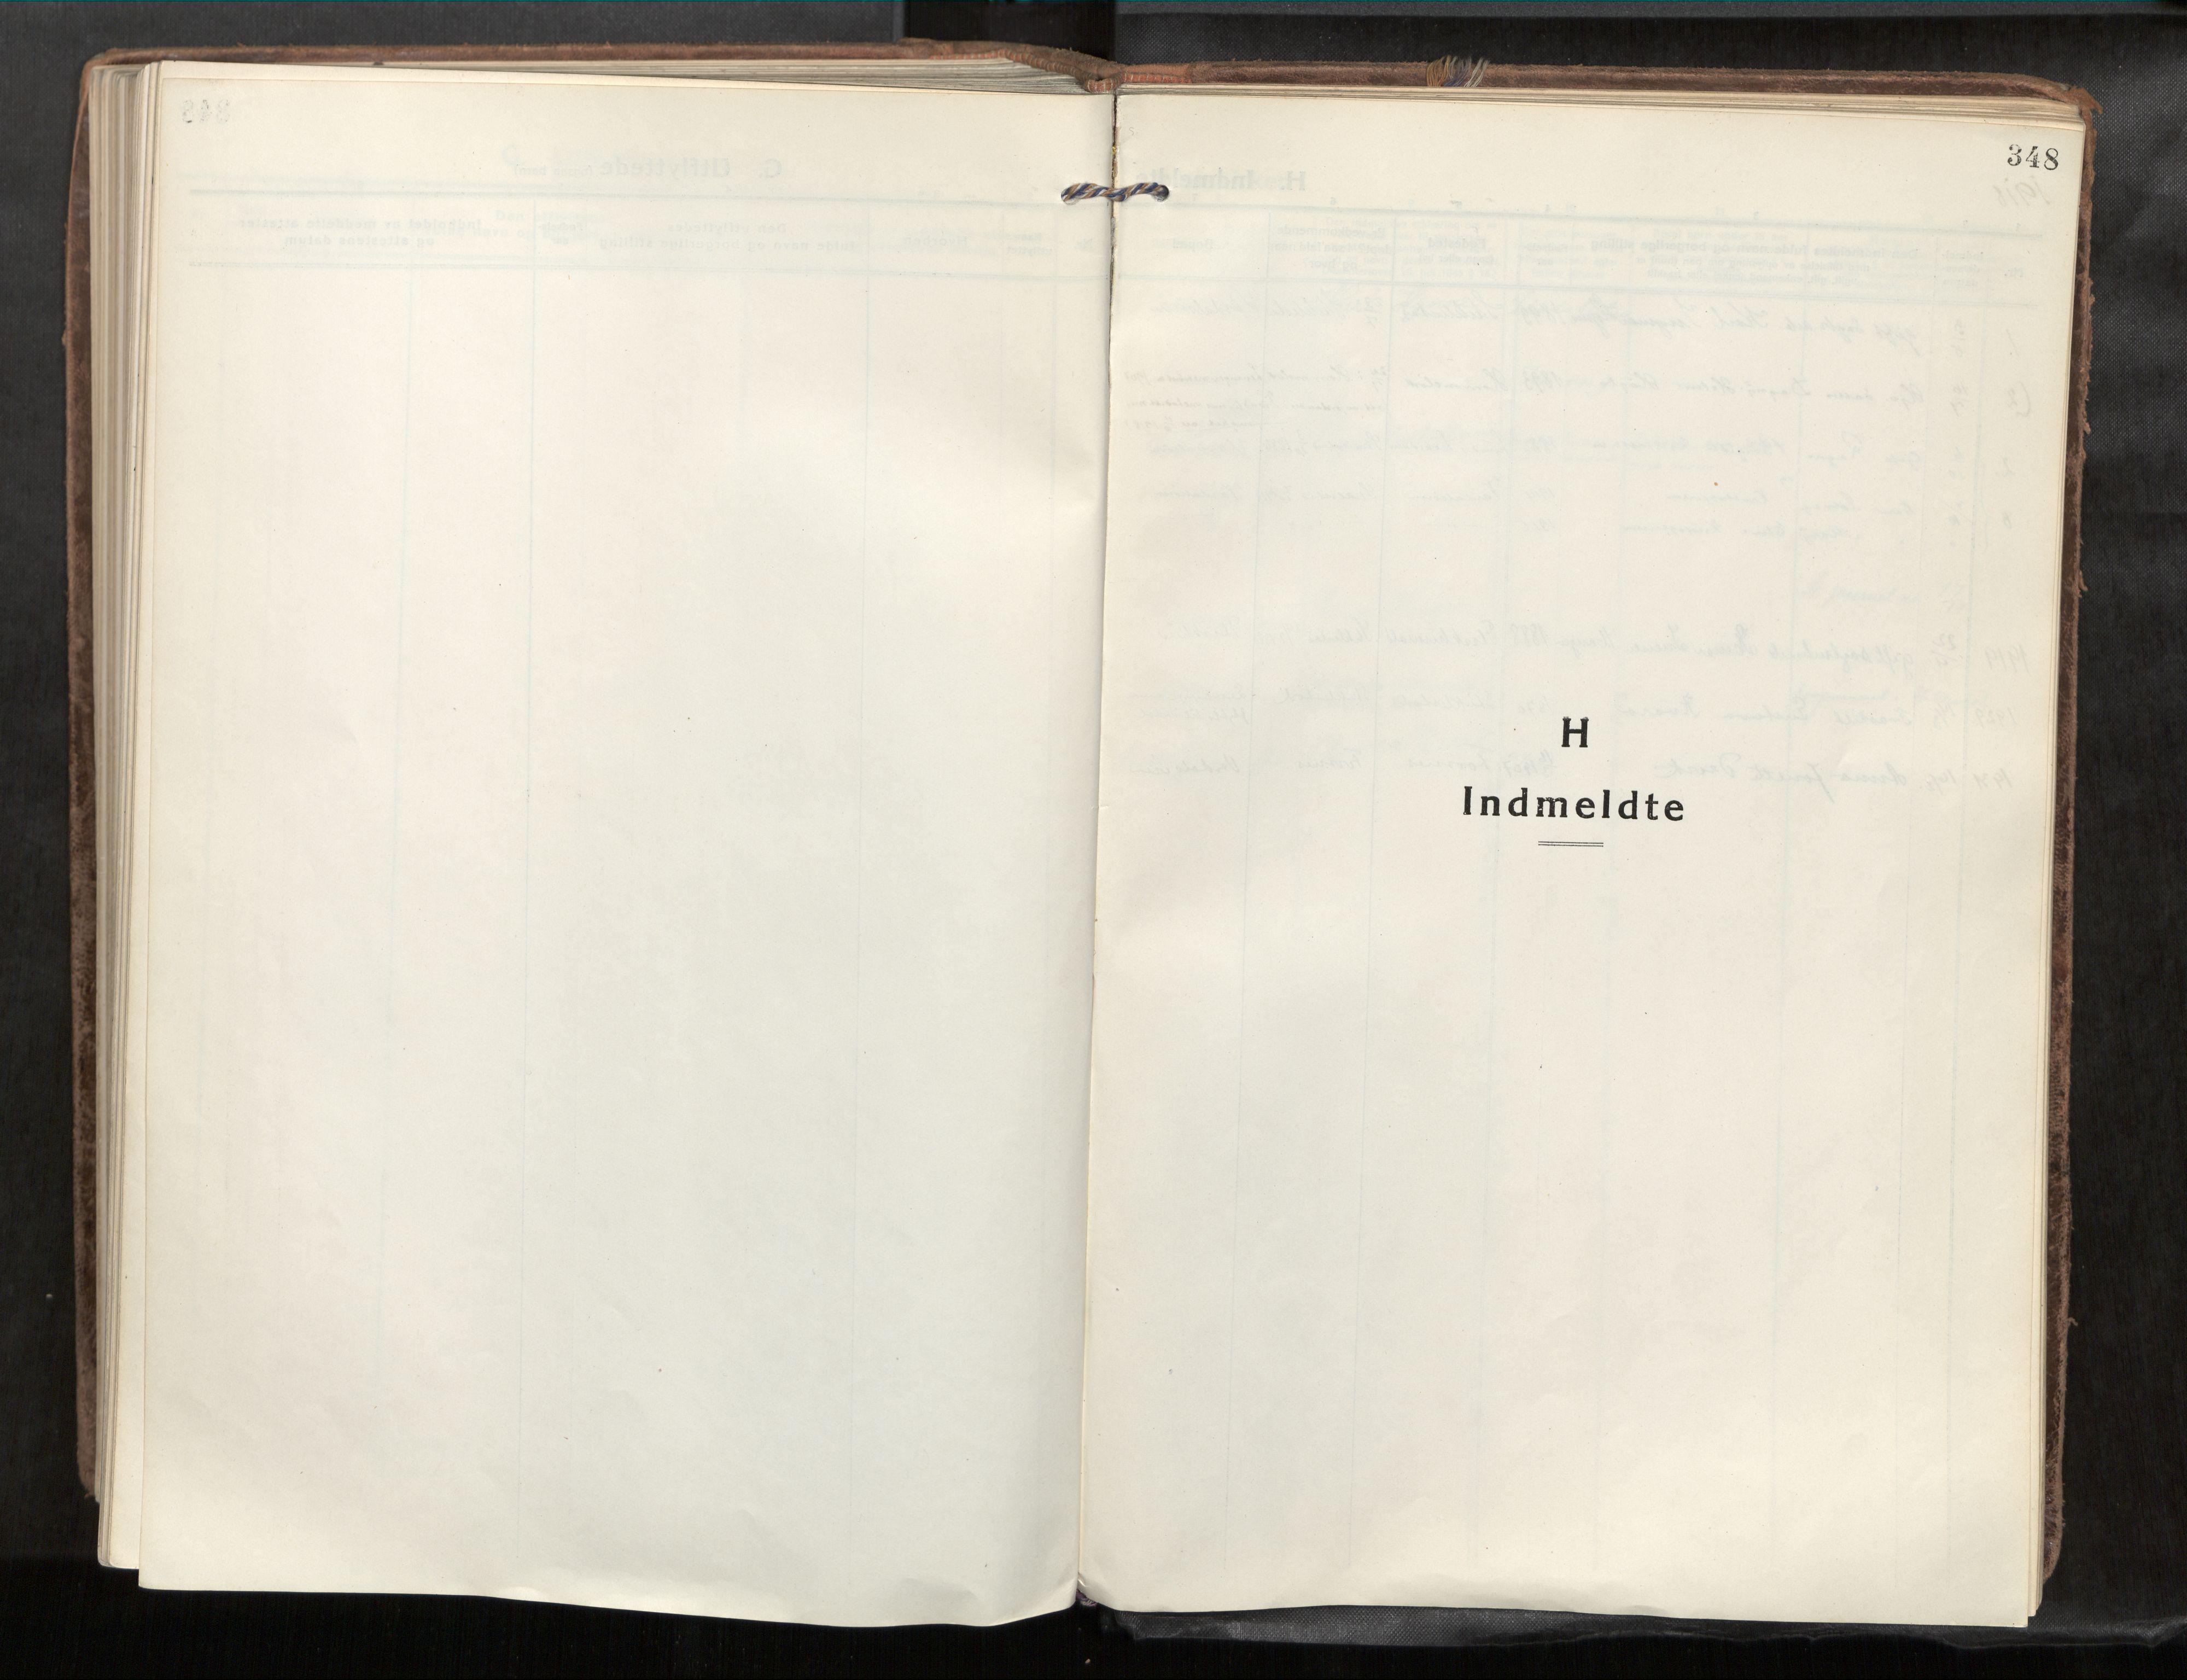 SAT, Verdal sokneprestkontor*, Parish register (official) no. 1, 1917-1932, p. 348